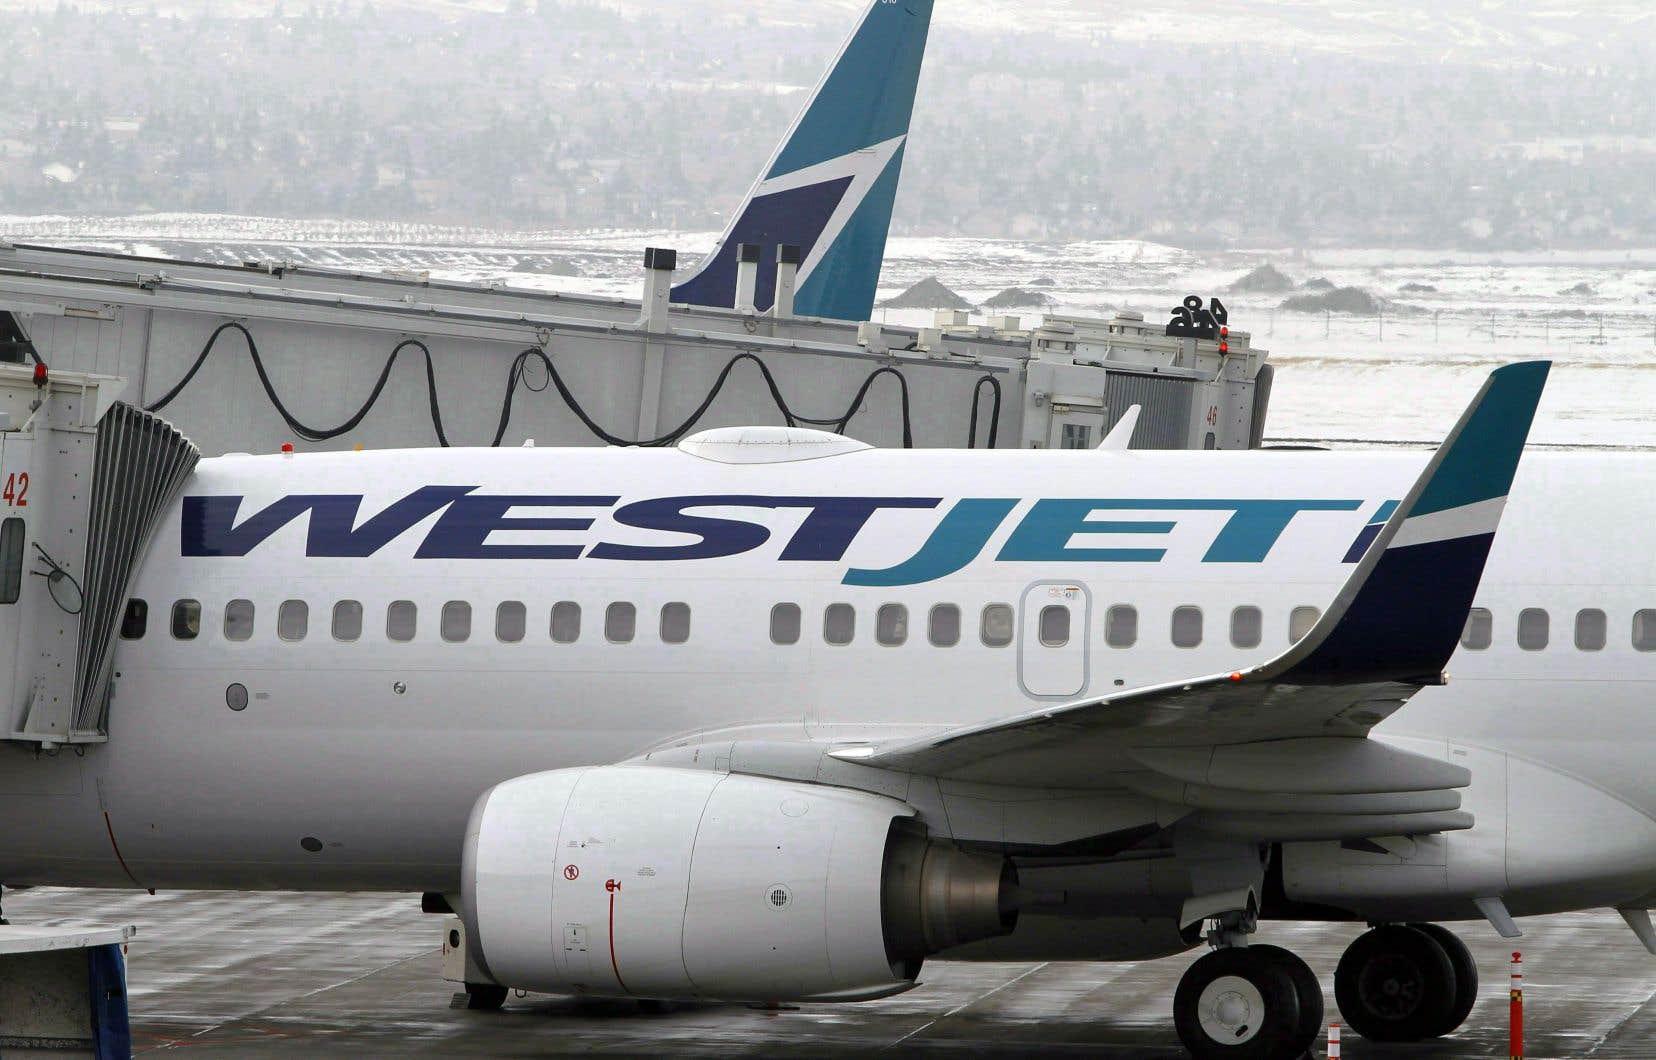 Le prix du carburant, qui représente environ le tiers des coûts des lignes aériennes, va augmenter, tout comme les coûts de la main-d'œuvre.